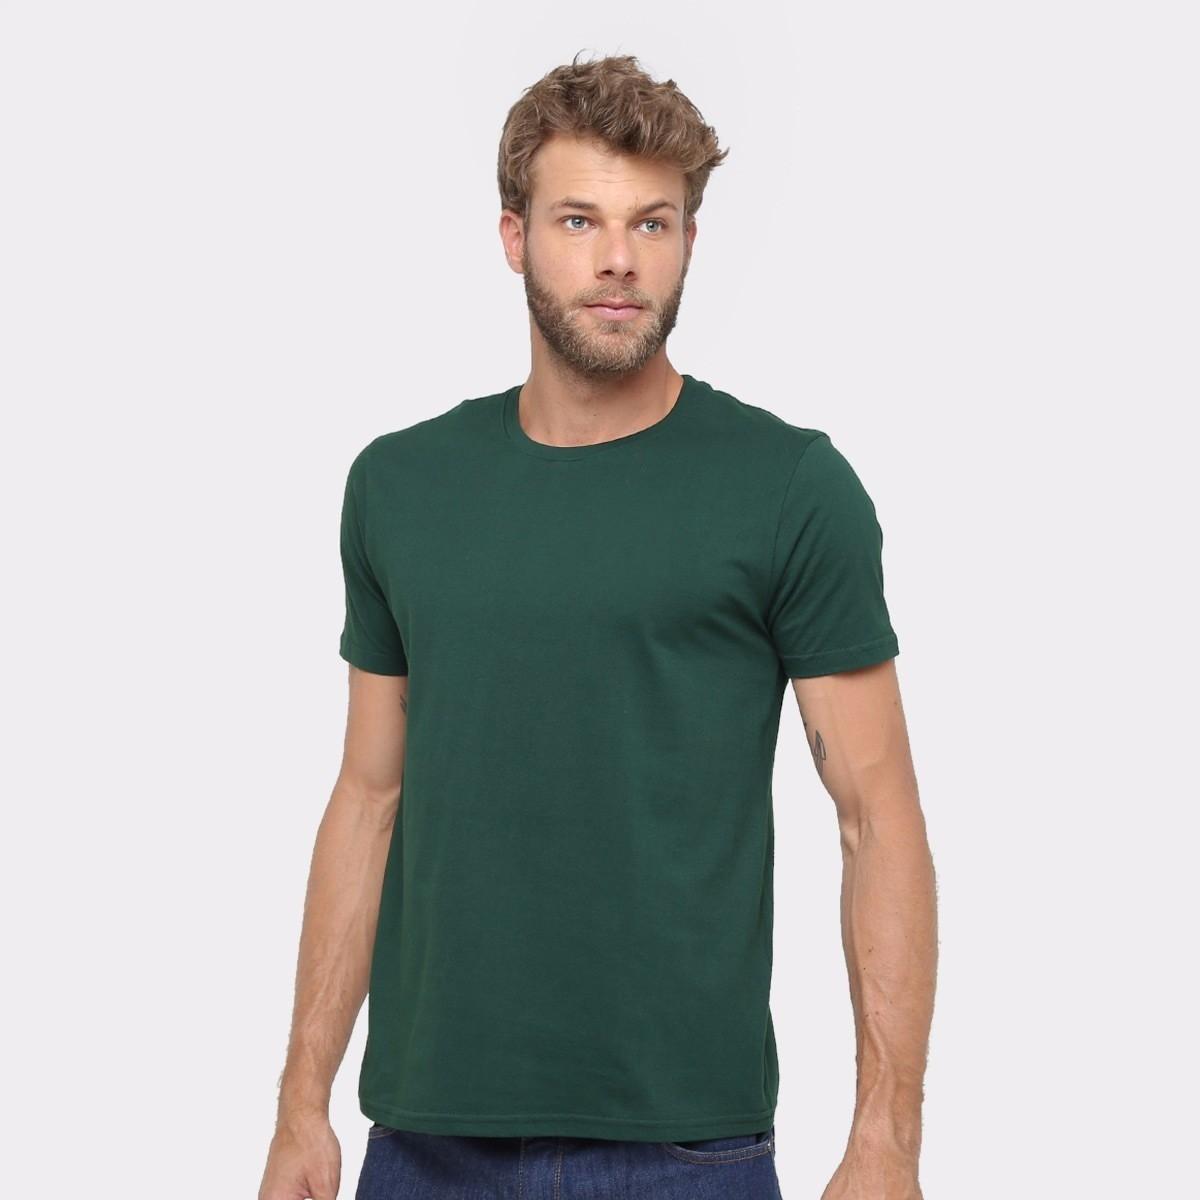 1e7aafcfe8 Camiseta 100% Algodão Sem Estampa Fio 30.1 Lisa Verde no Elo7